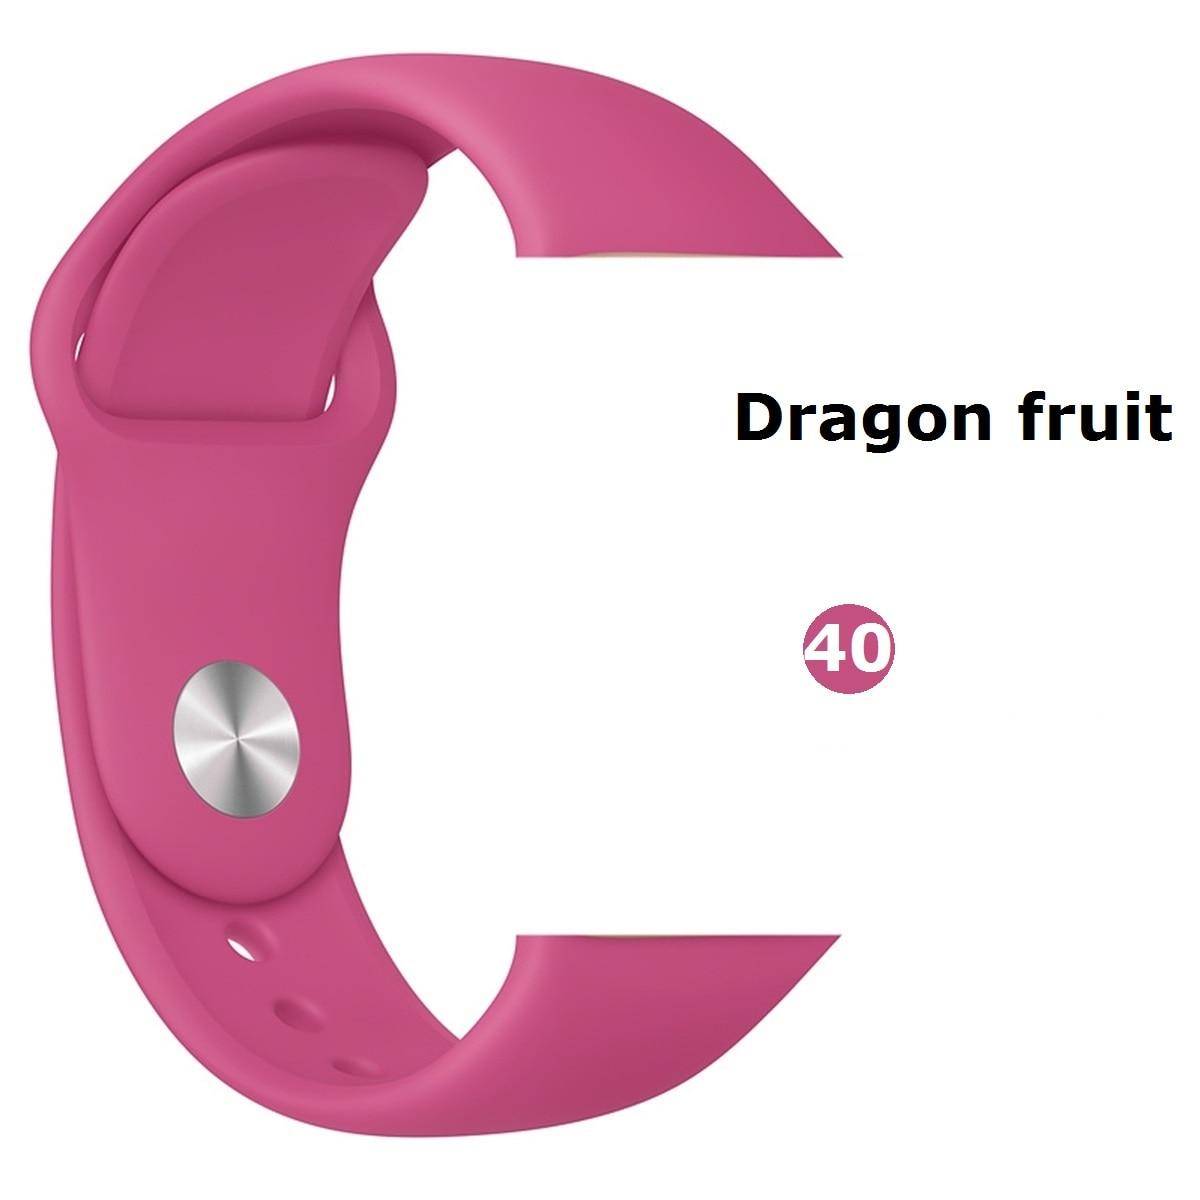 Dragon fruit 40